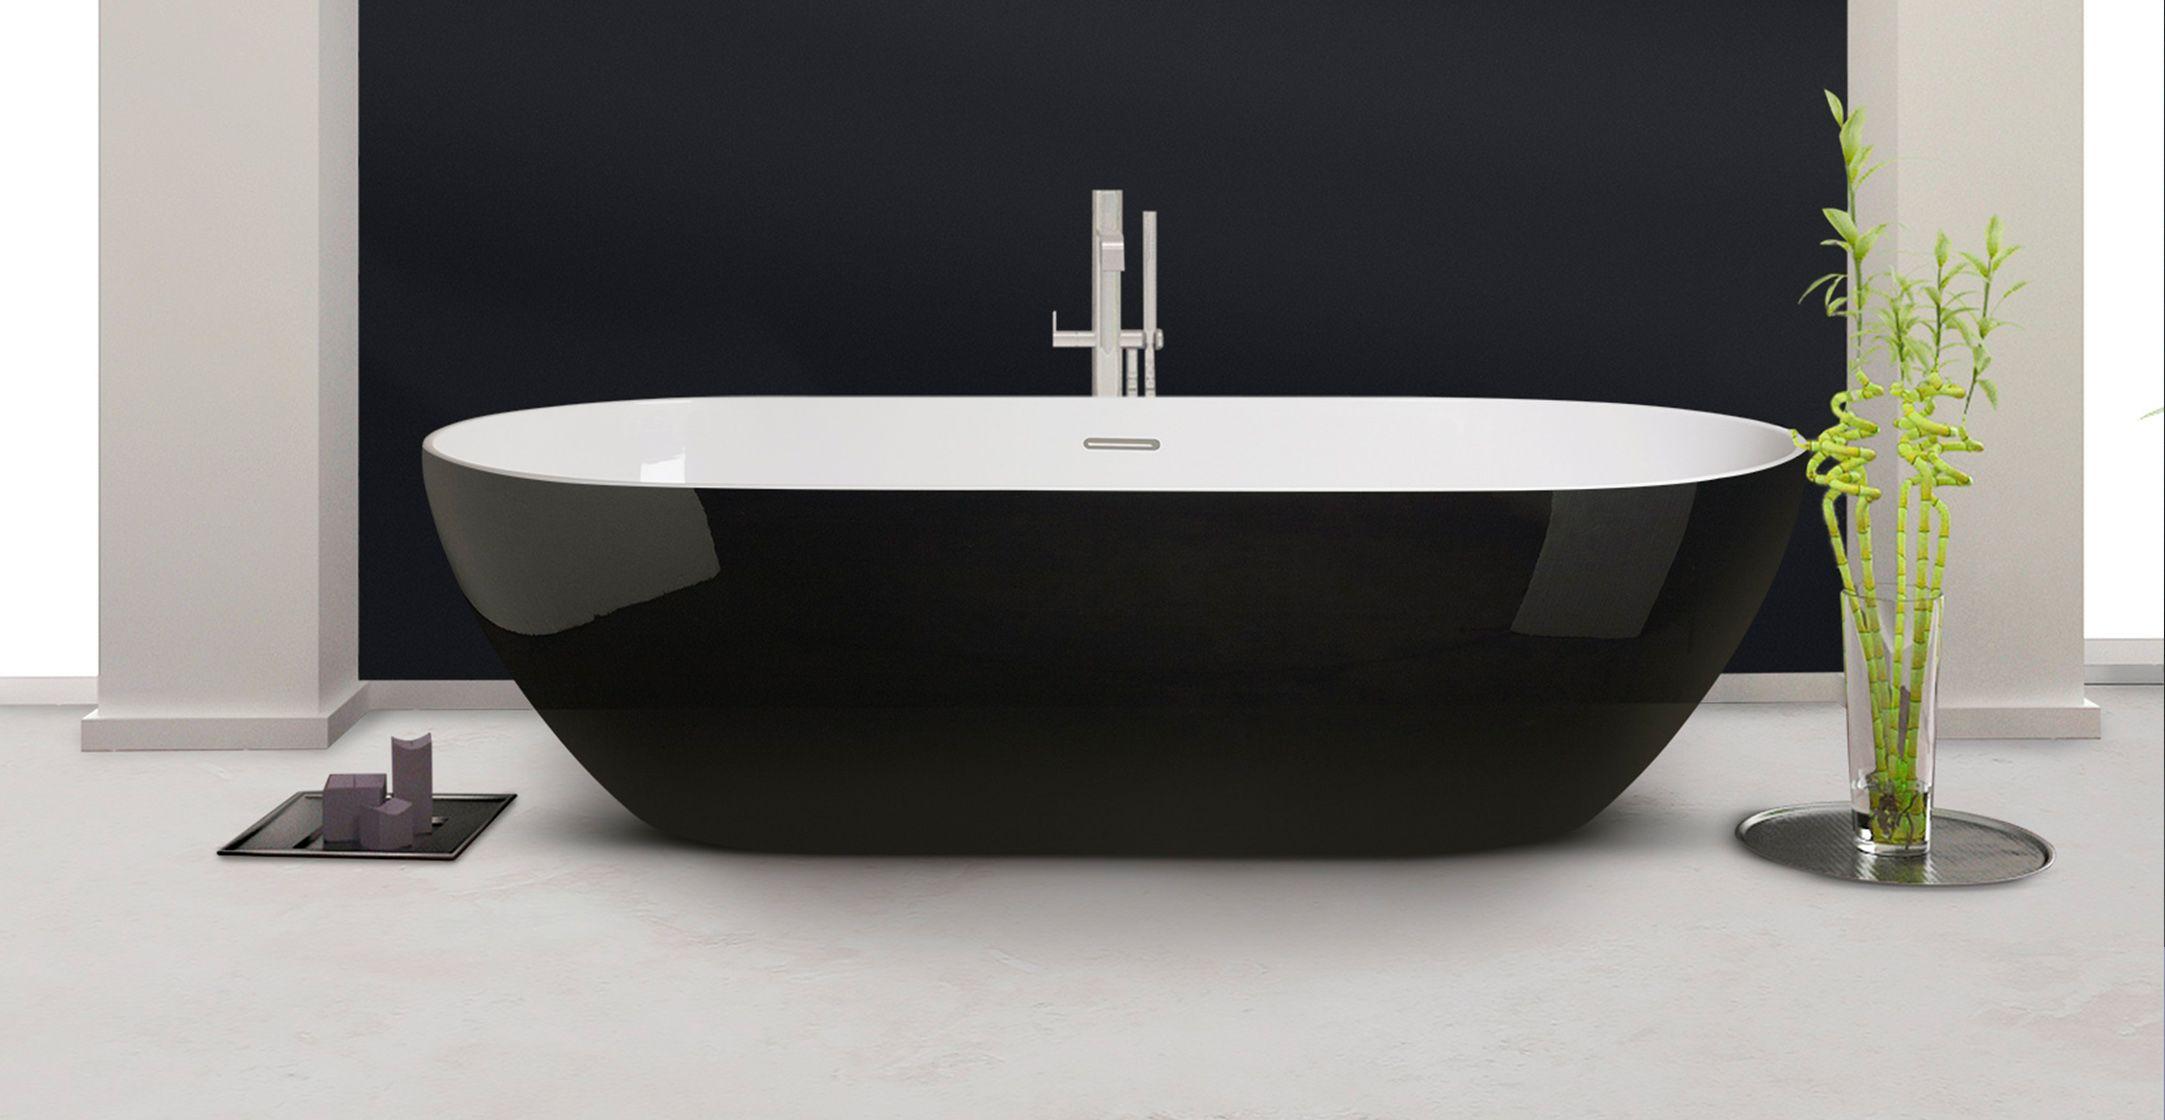 Moderne Freistehende Badewanne Von Aquamass Kollektion Access33 In Unserem Onlineshop Finden Sie Komplettes Angebot Der Aq Interessante Badewannen In 2019